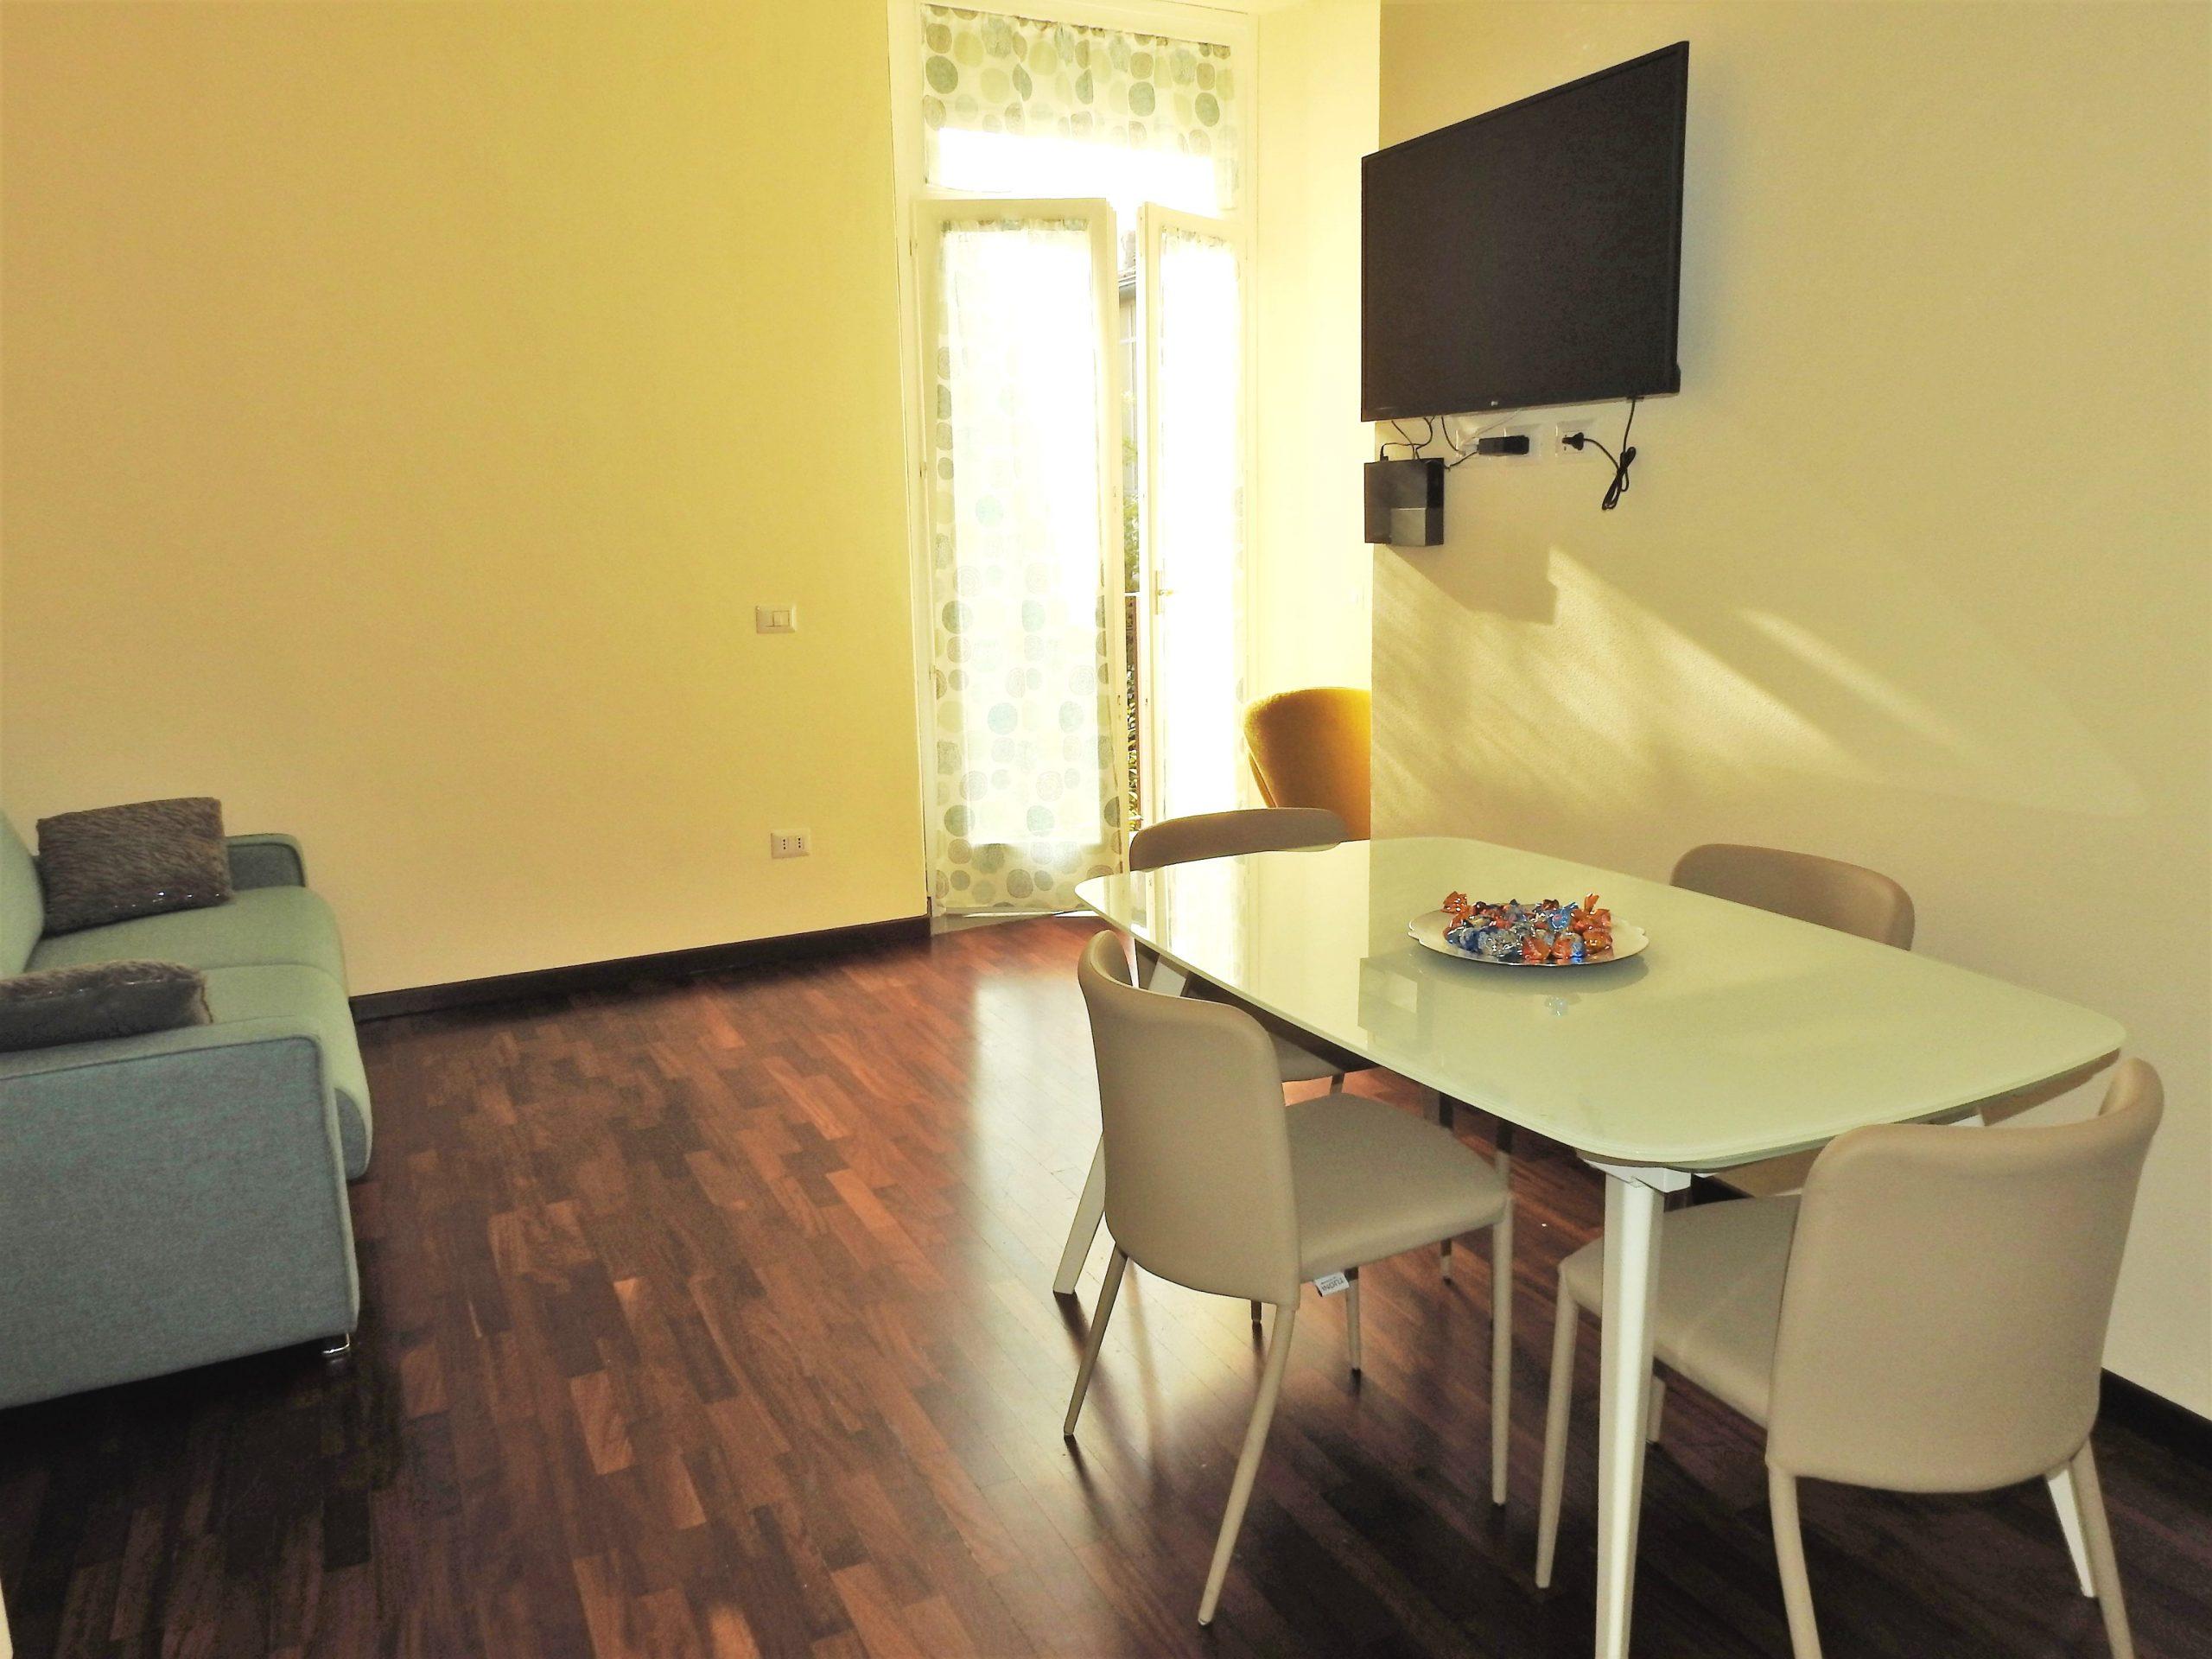 Appartamento completamente rinnovato in centro storico a Ravenna